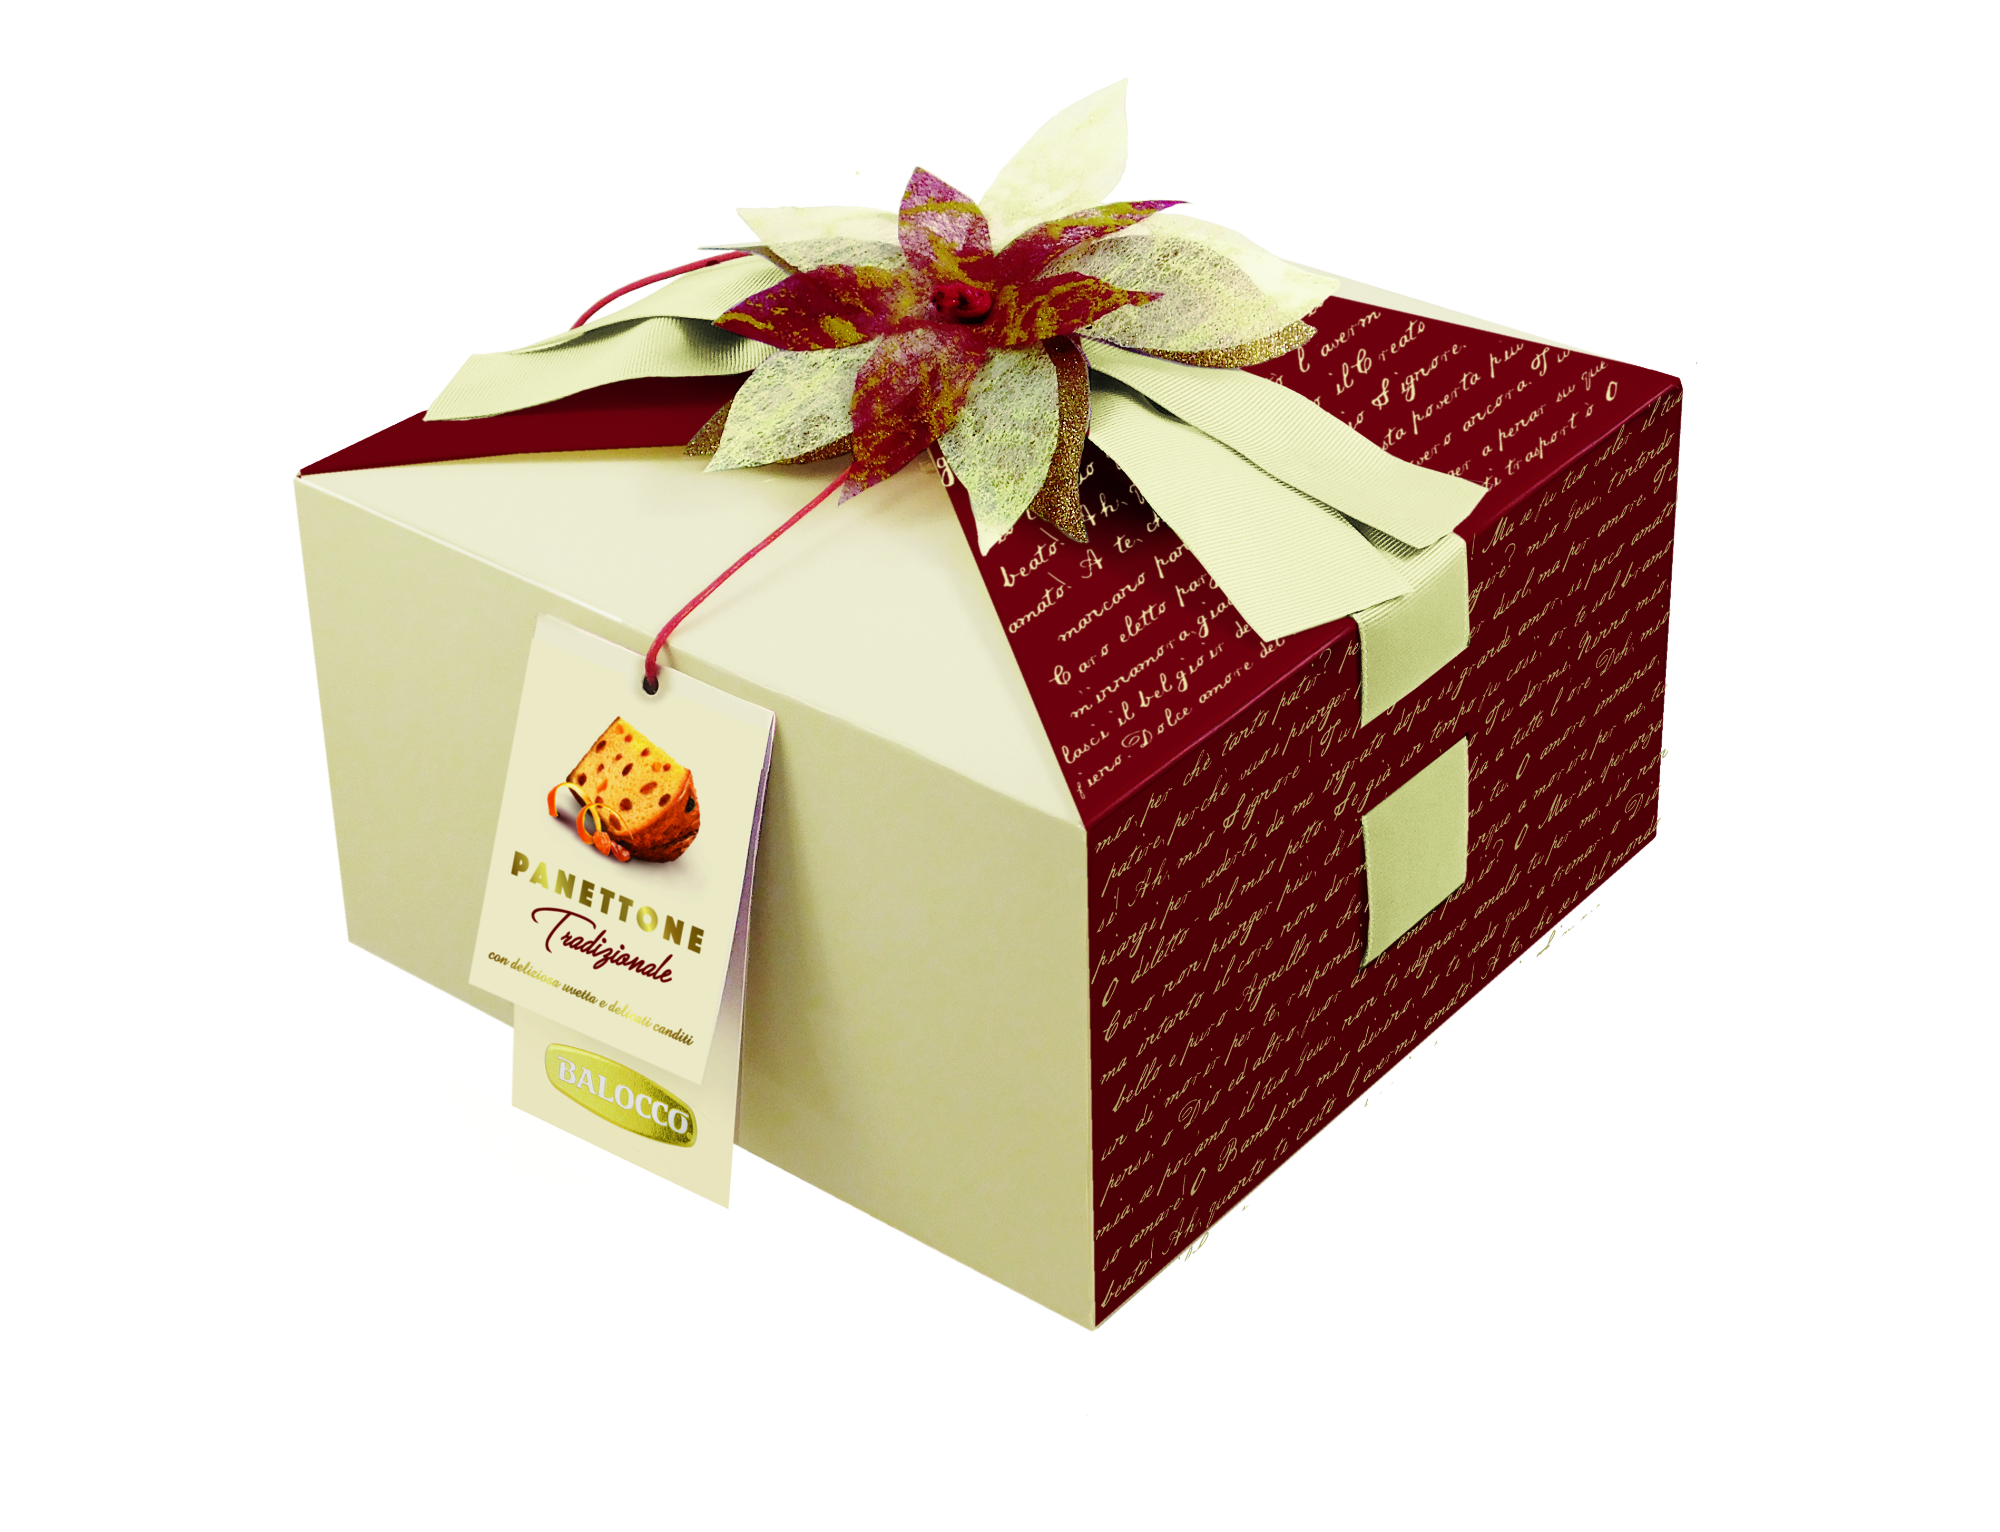 Kalėdinis pyragas Balocco Panettone Mandorlato su razinomis ir cukatais, 1kg